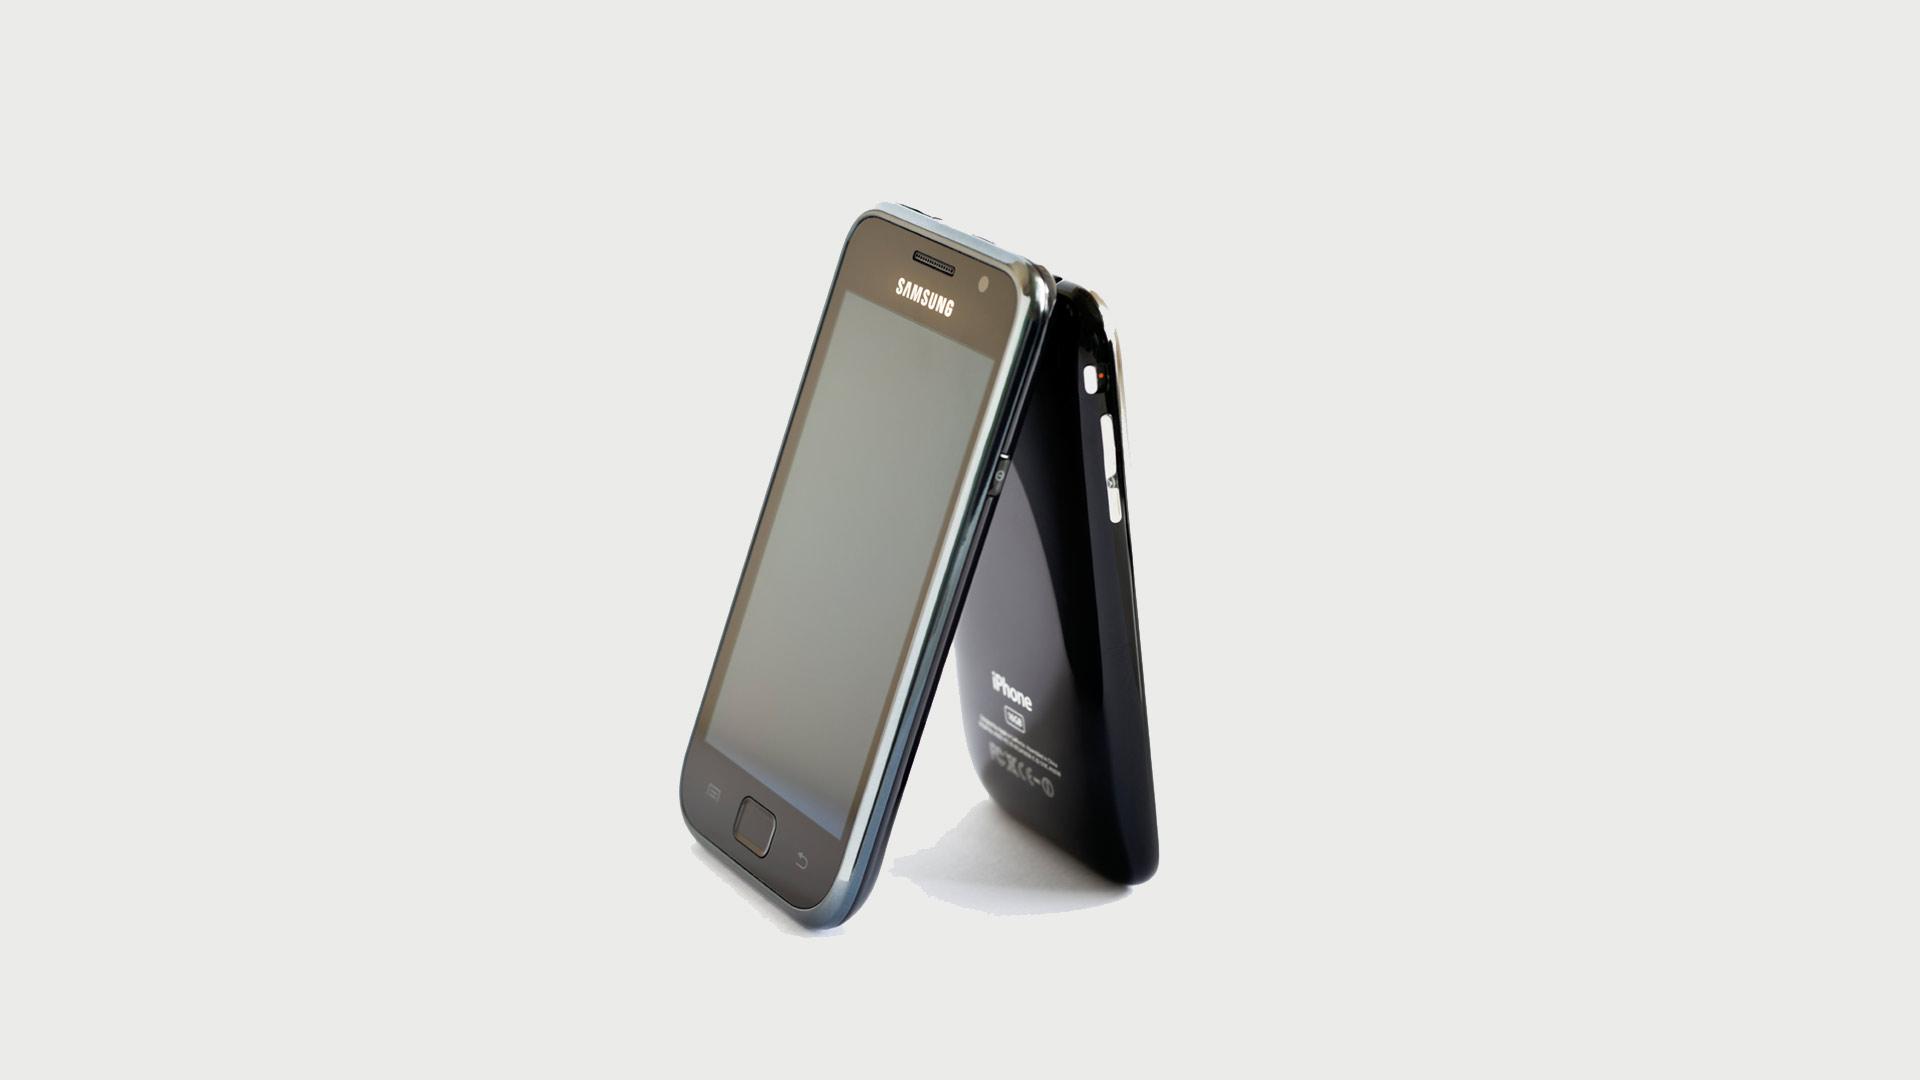 La firma de la manzana solicitó que la empresa de los teléfonos Galaxy pague una nueva cifra por infracciones de patentes